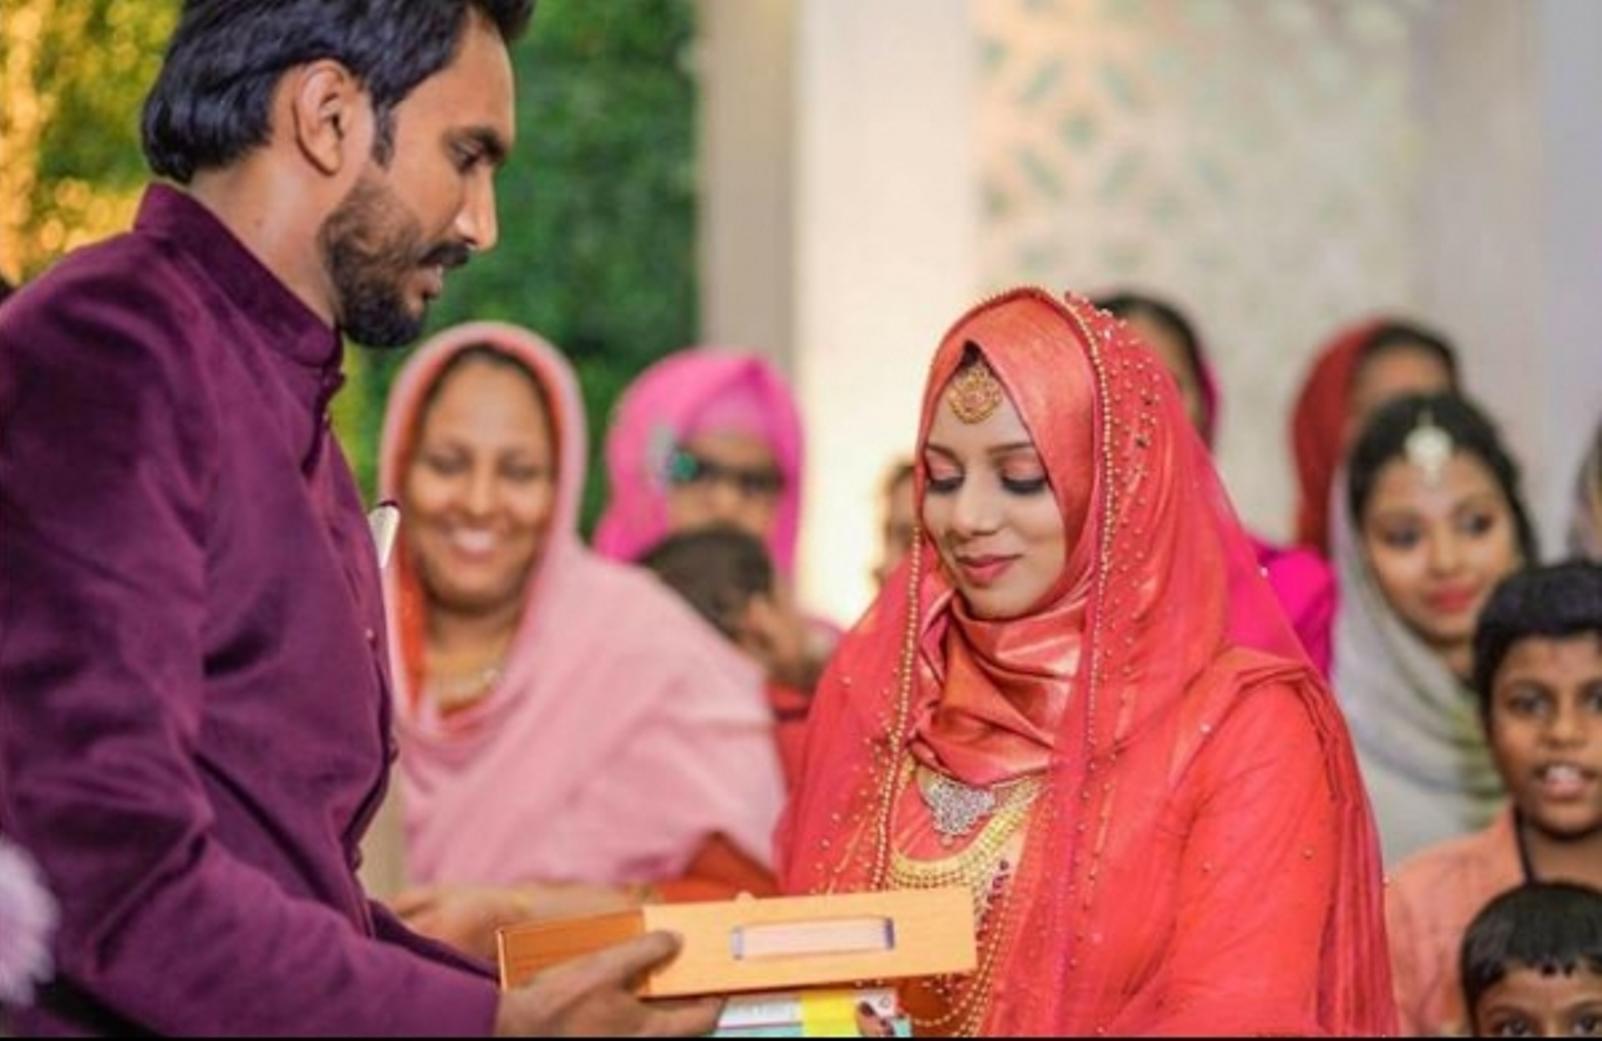 केरल में एक दुल्हन ने अपने मेहर में जायदाद, जेवरात और पैसों के बदले सिर्फ 100 किताबें मांगीं।